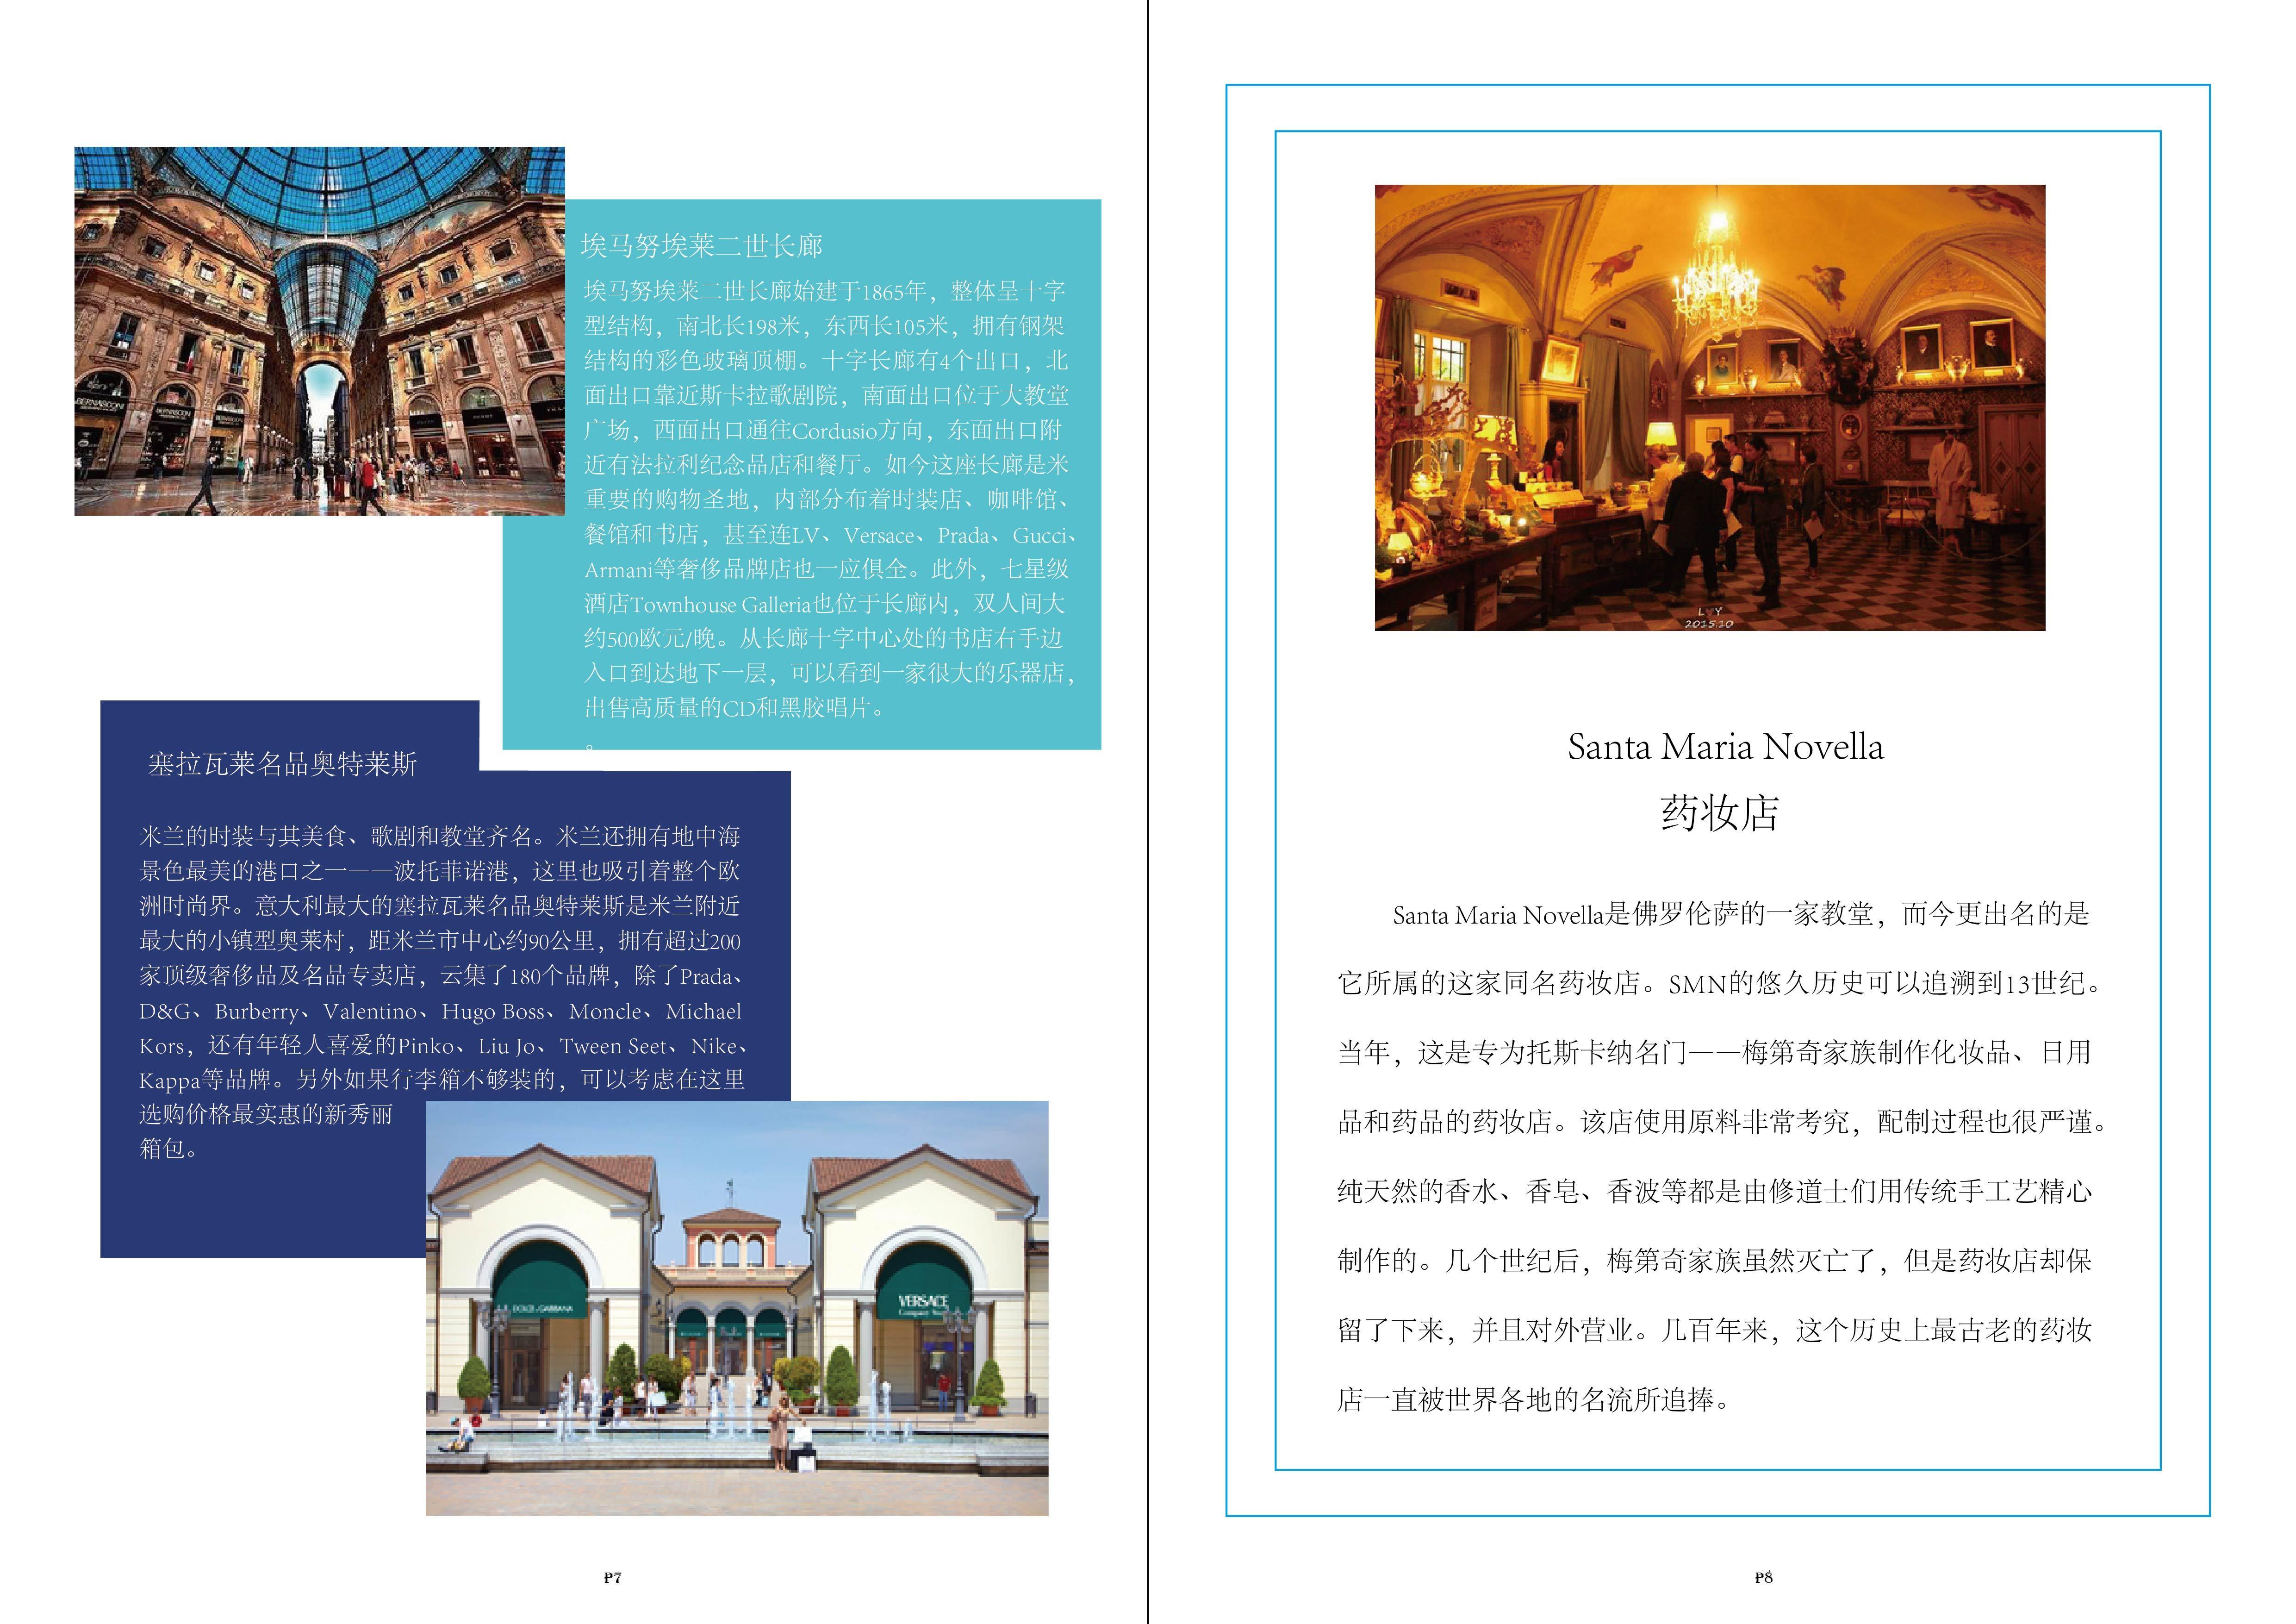 旅游杂志内页排版